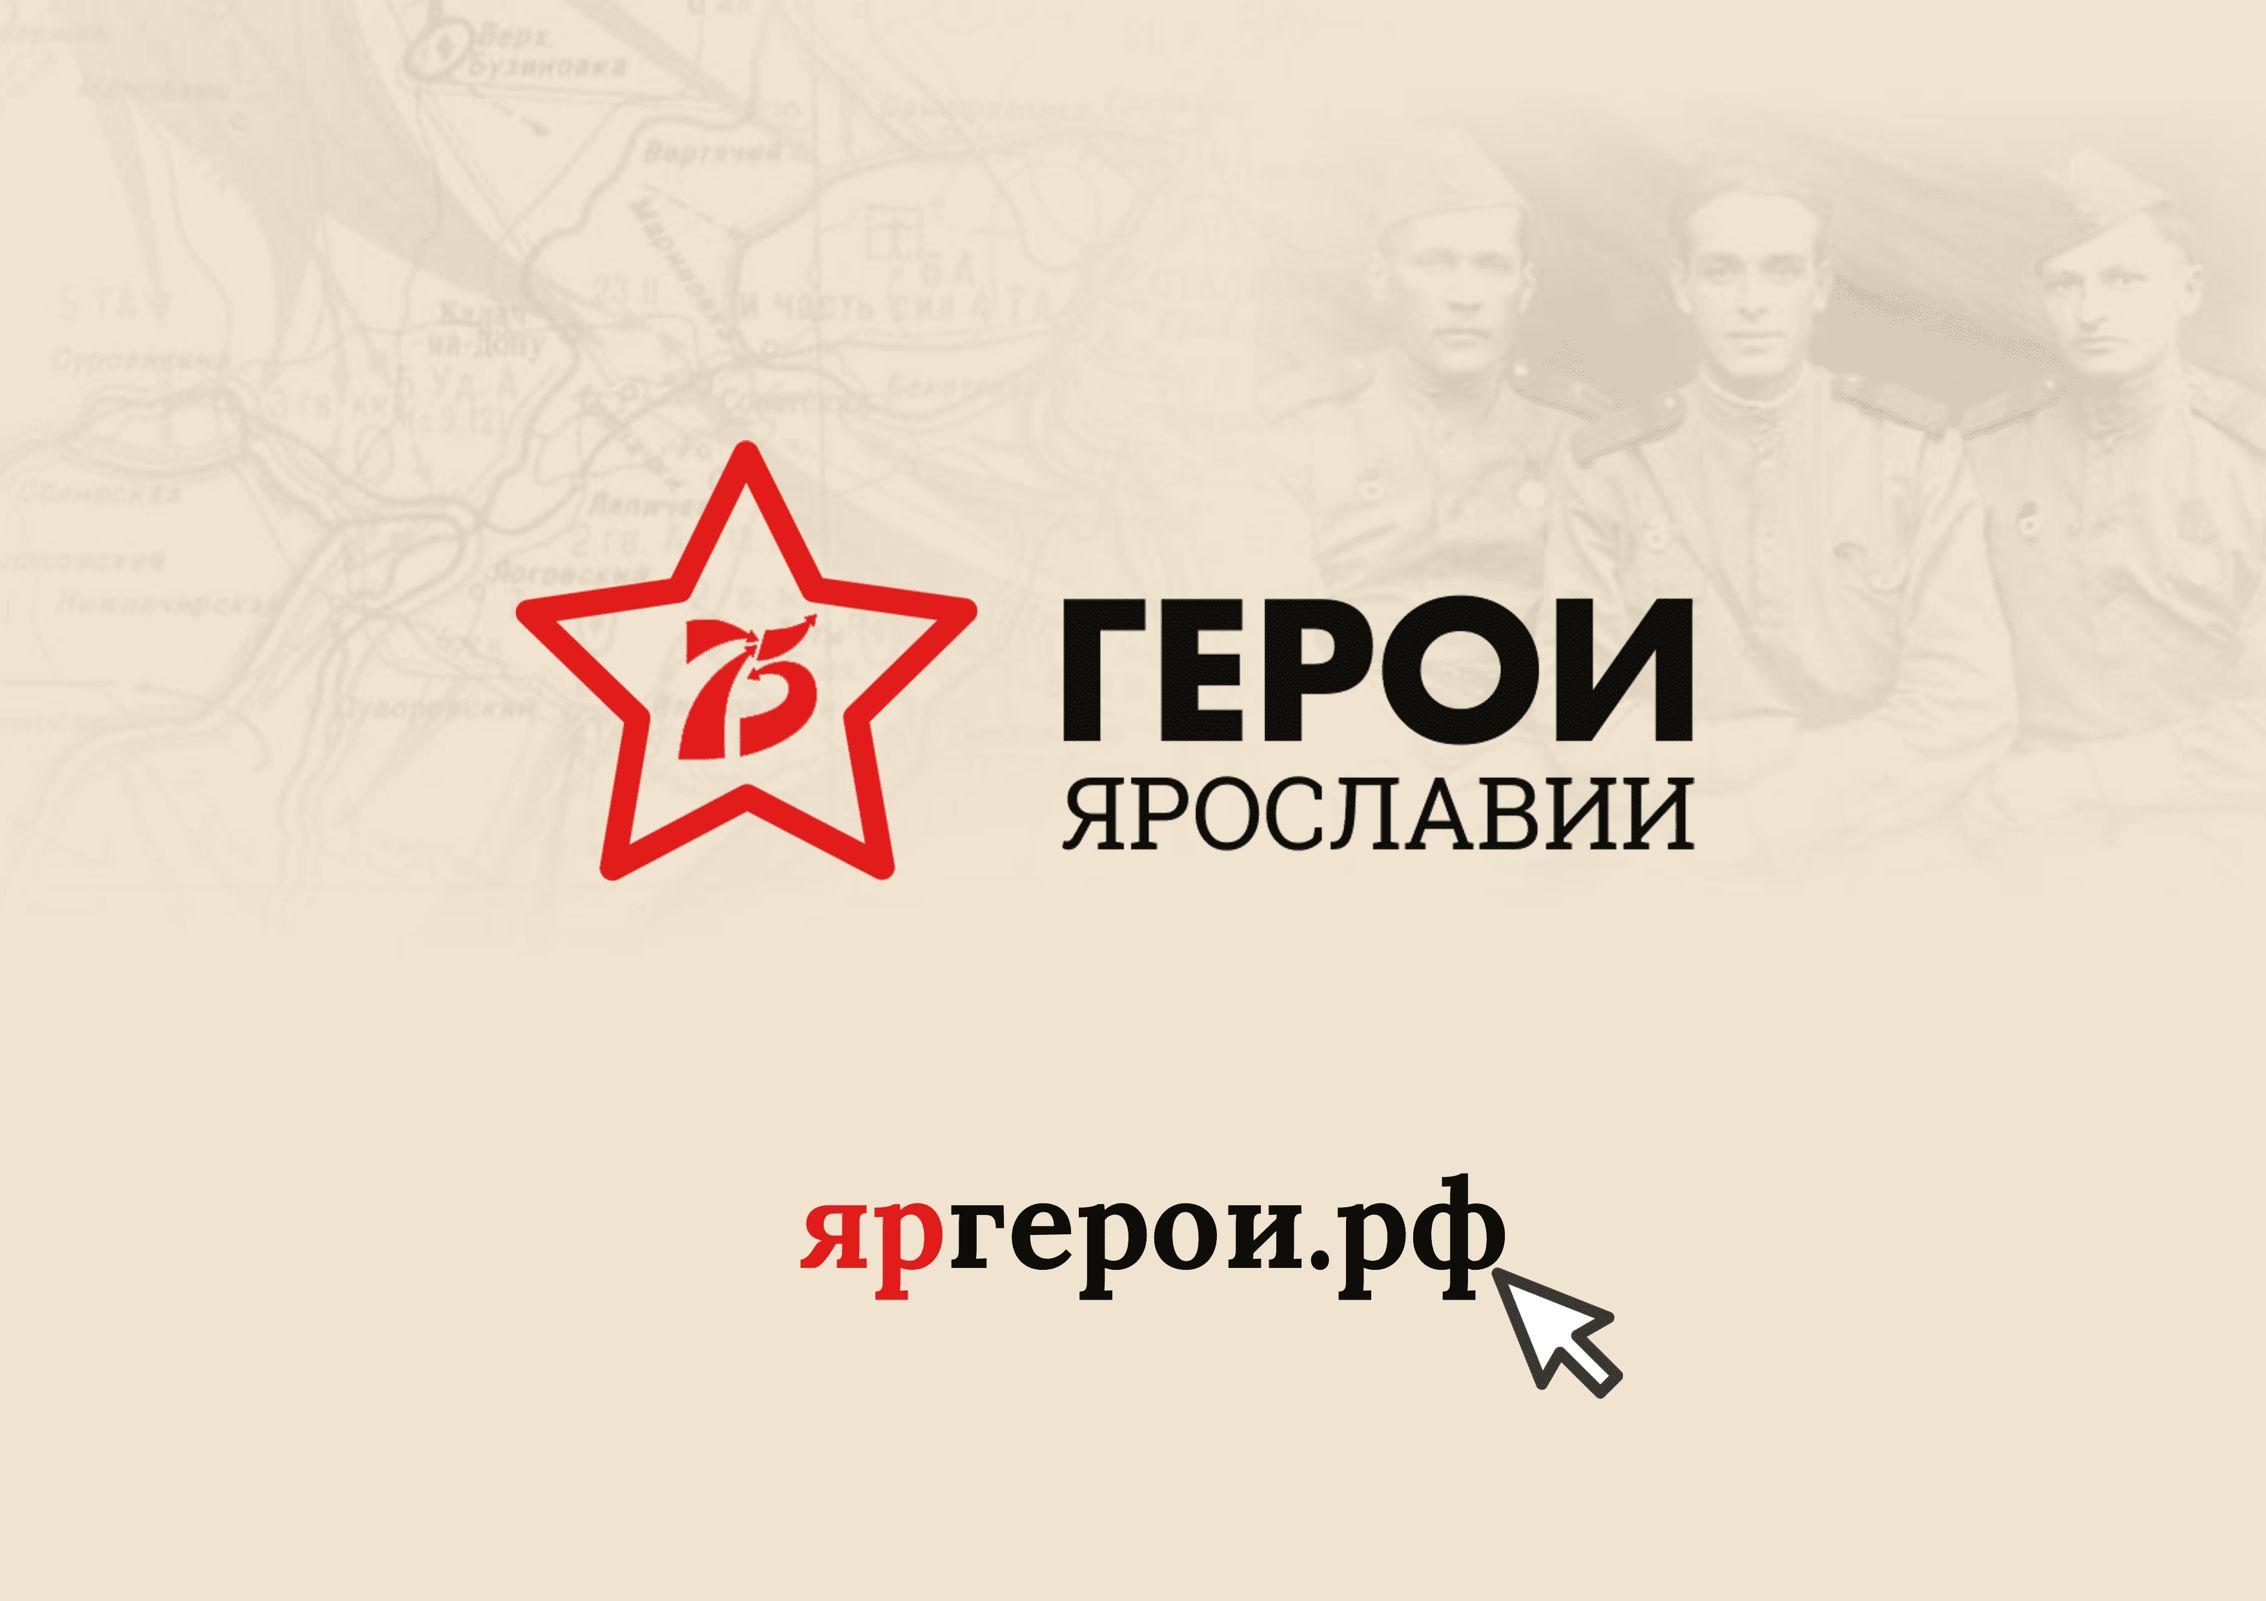 В Ярославле стартовал проект «Герои Ярославии»